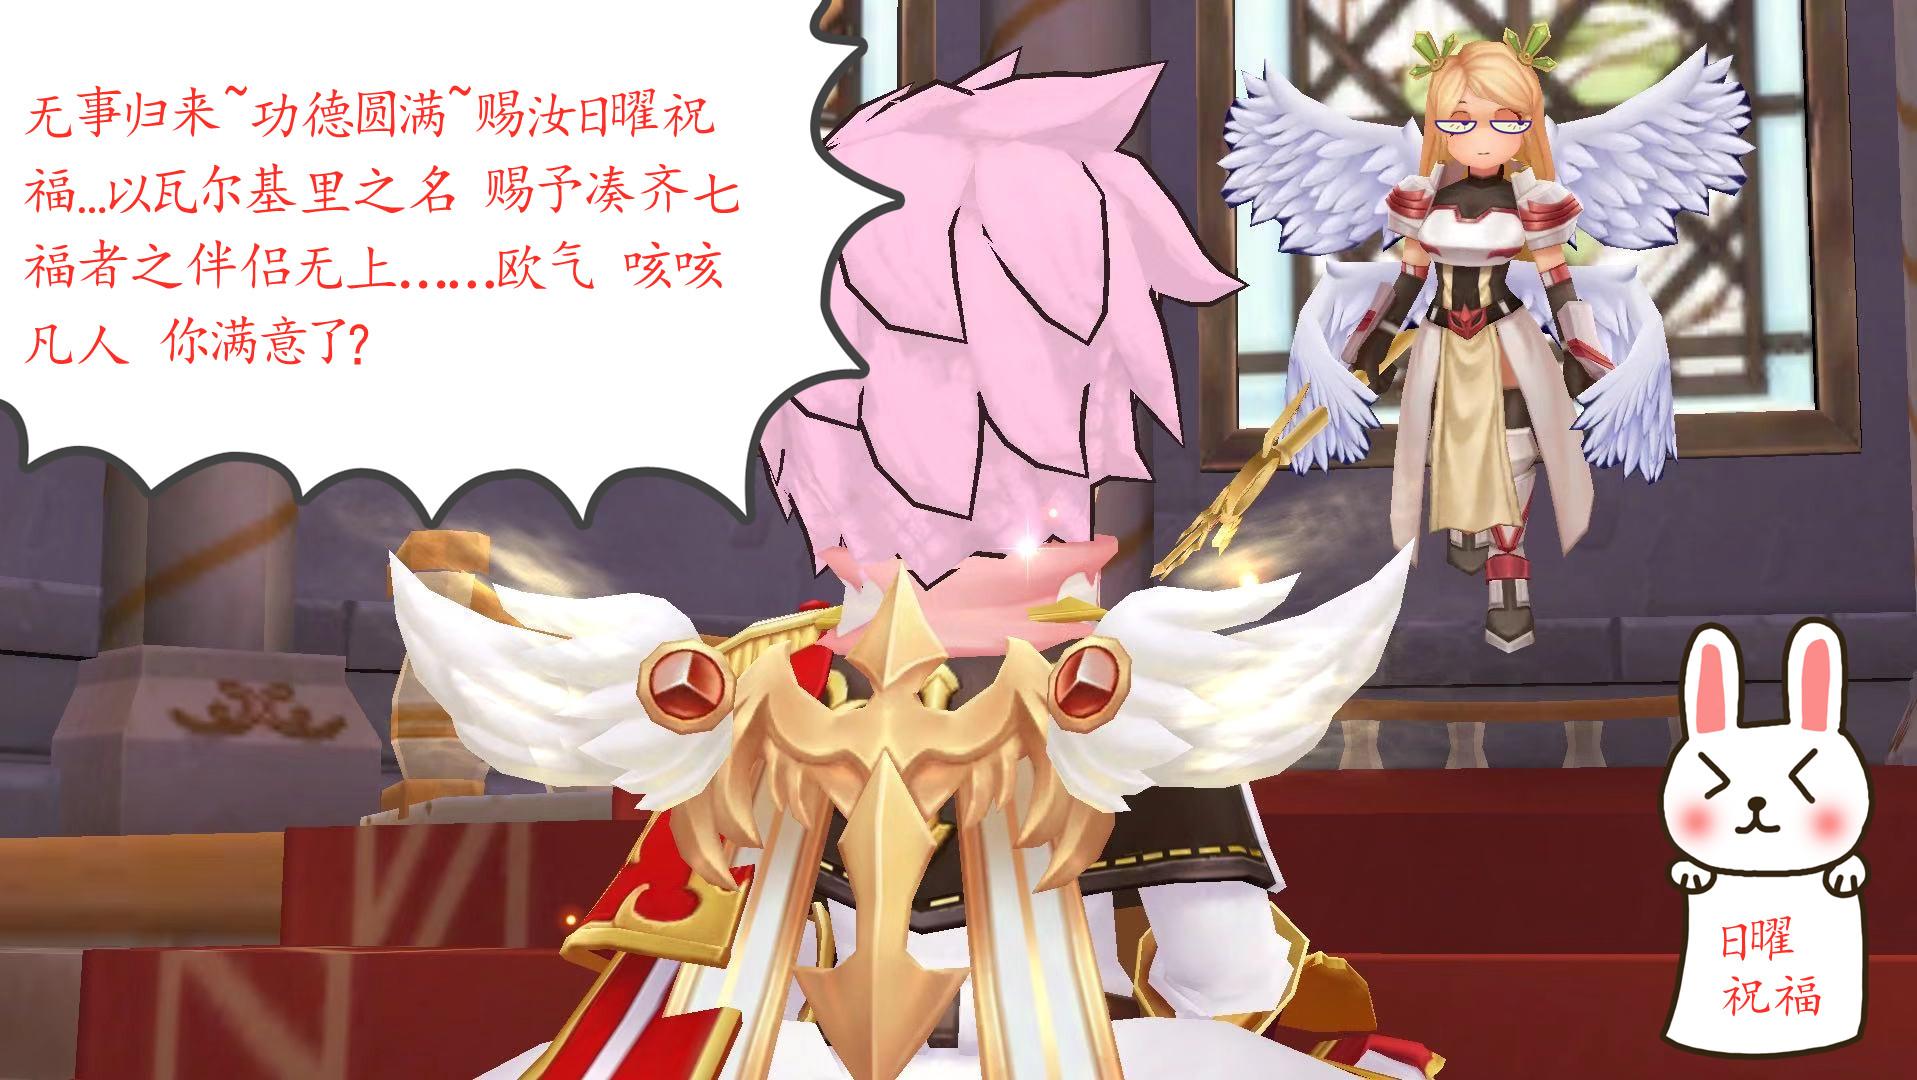 8女神赐福.jpg